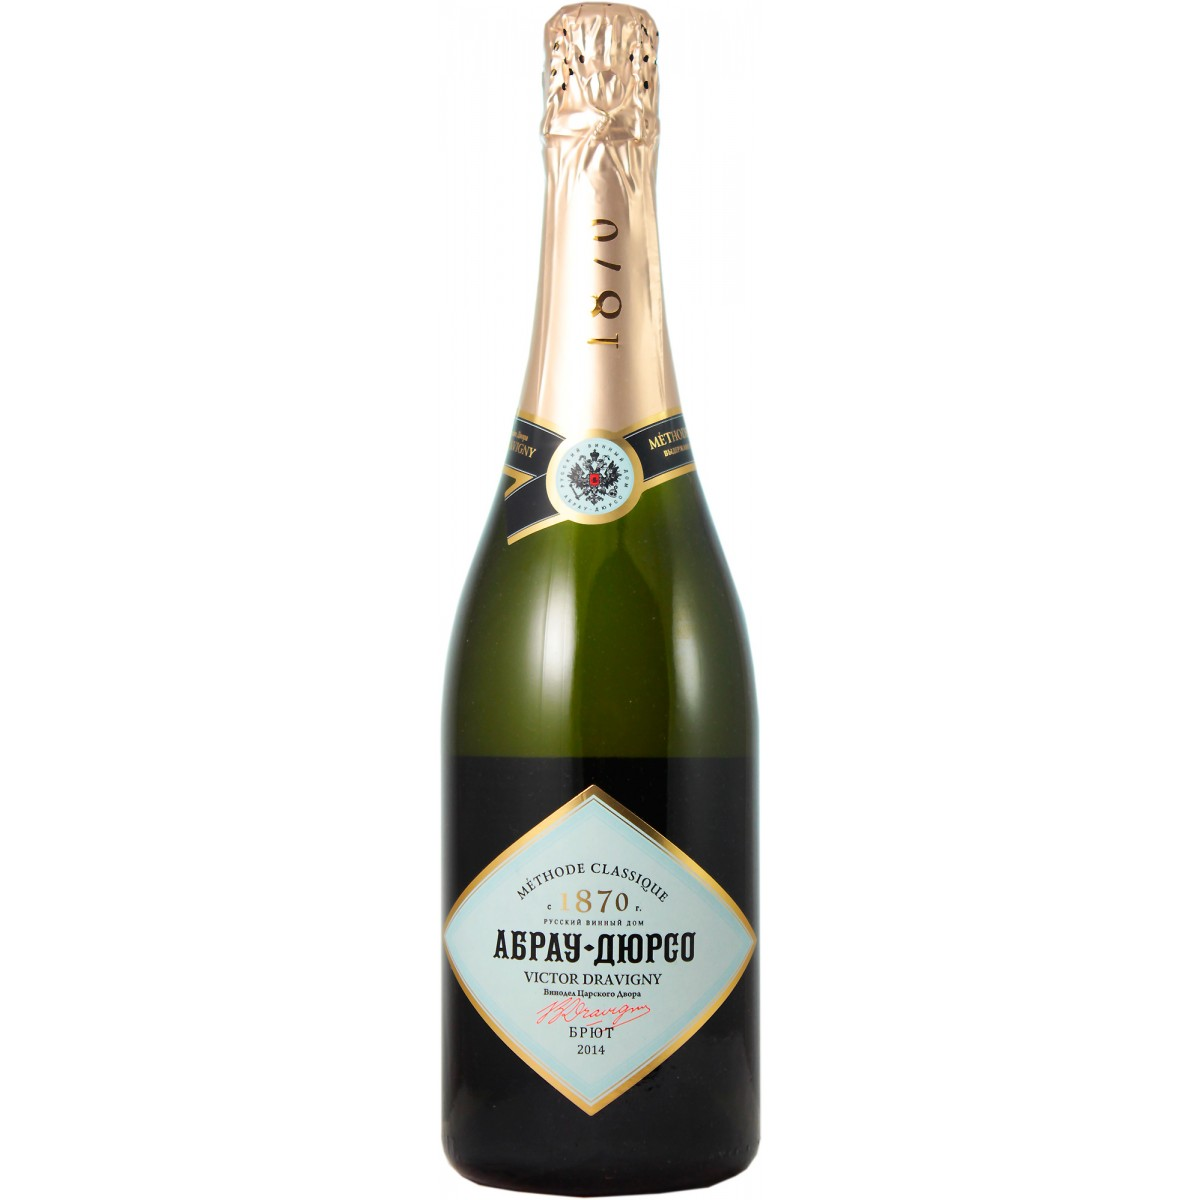 Шампанское брют. что это значит, сухое или сладкое, игристое вино. производители, состав, калорийность, какое лучше купить